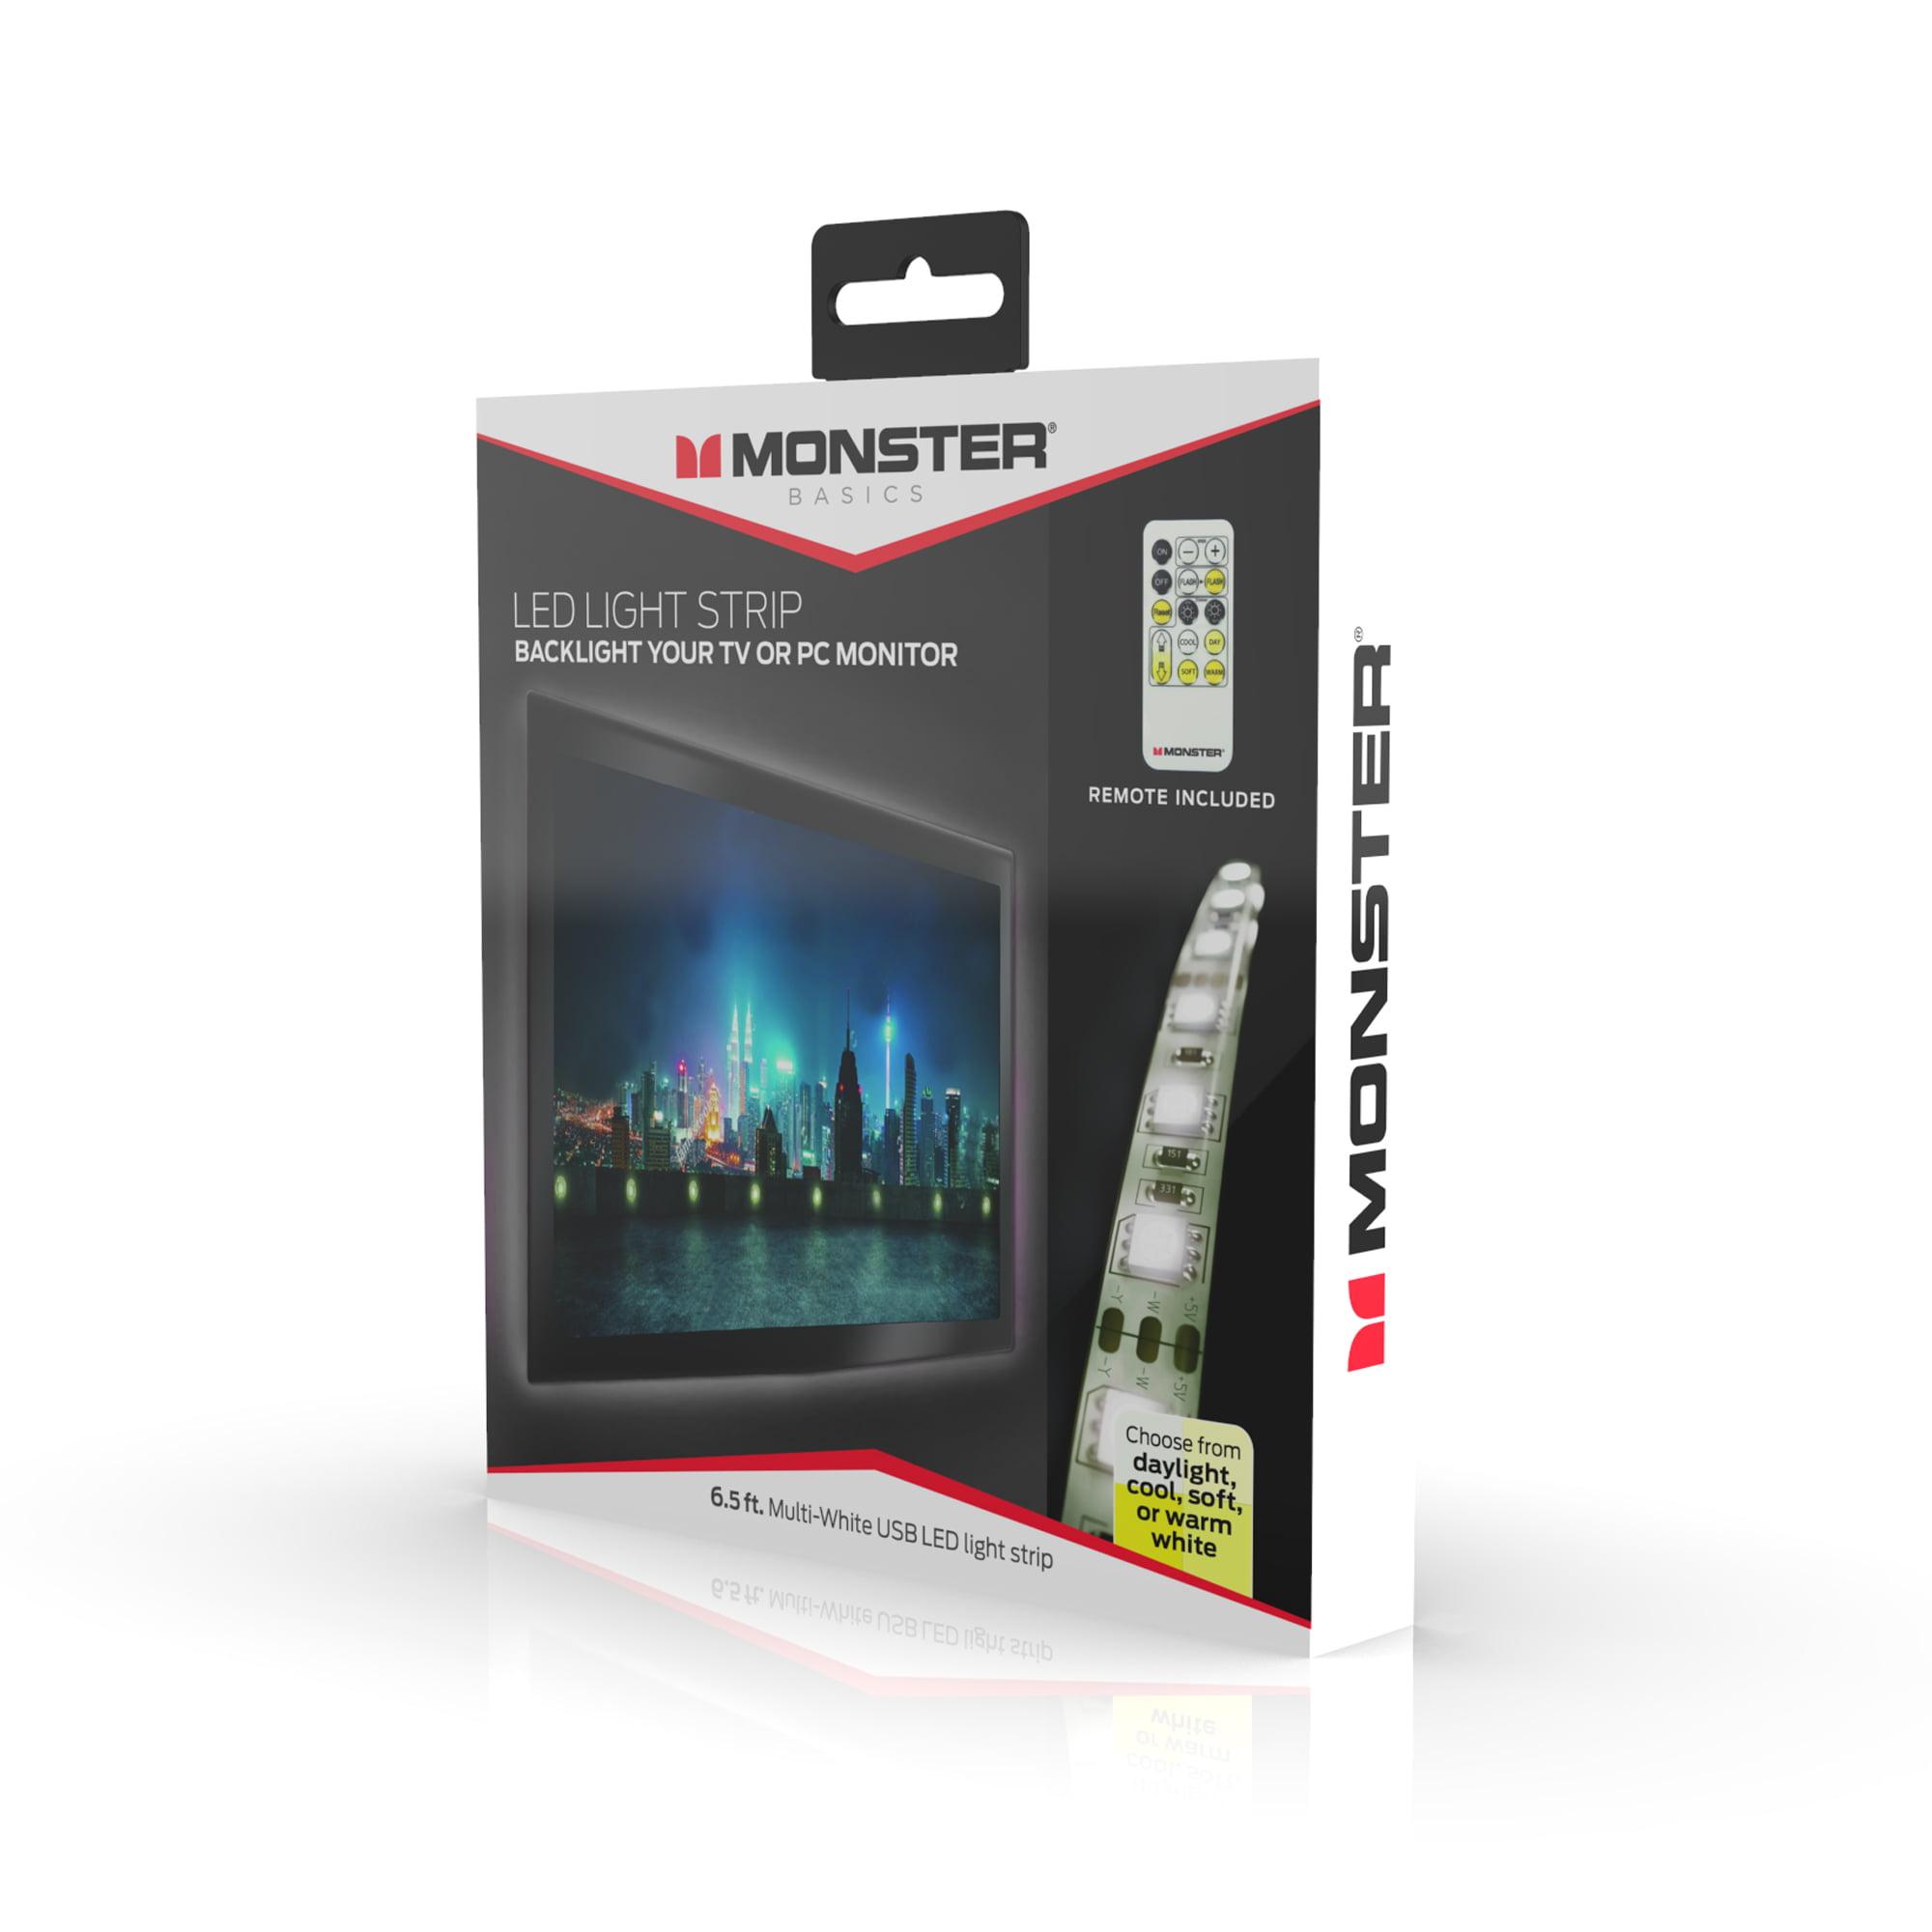 Monster Digital Monster Multi-White USB LED Light Strip with Remote - 6.5ft/2m